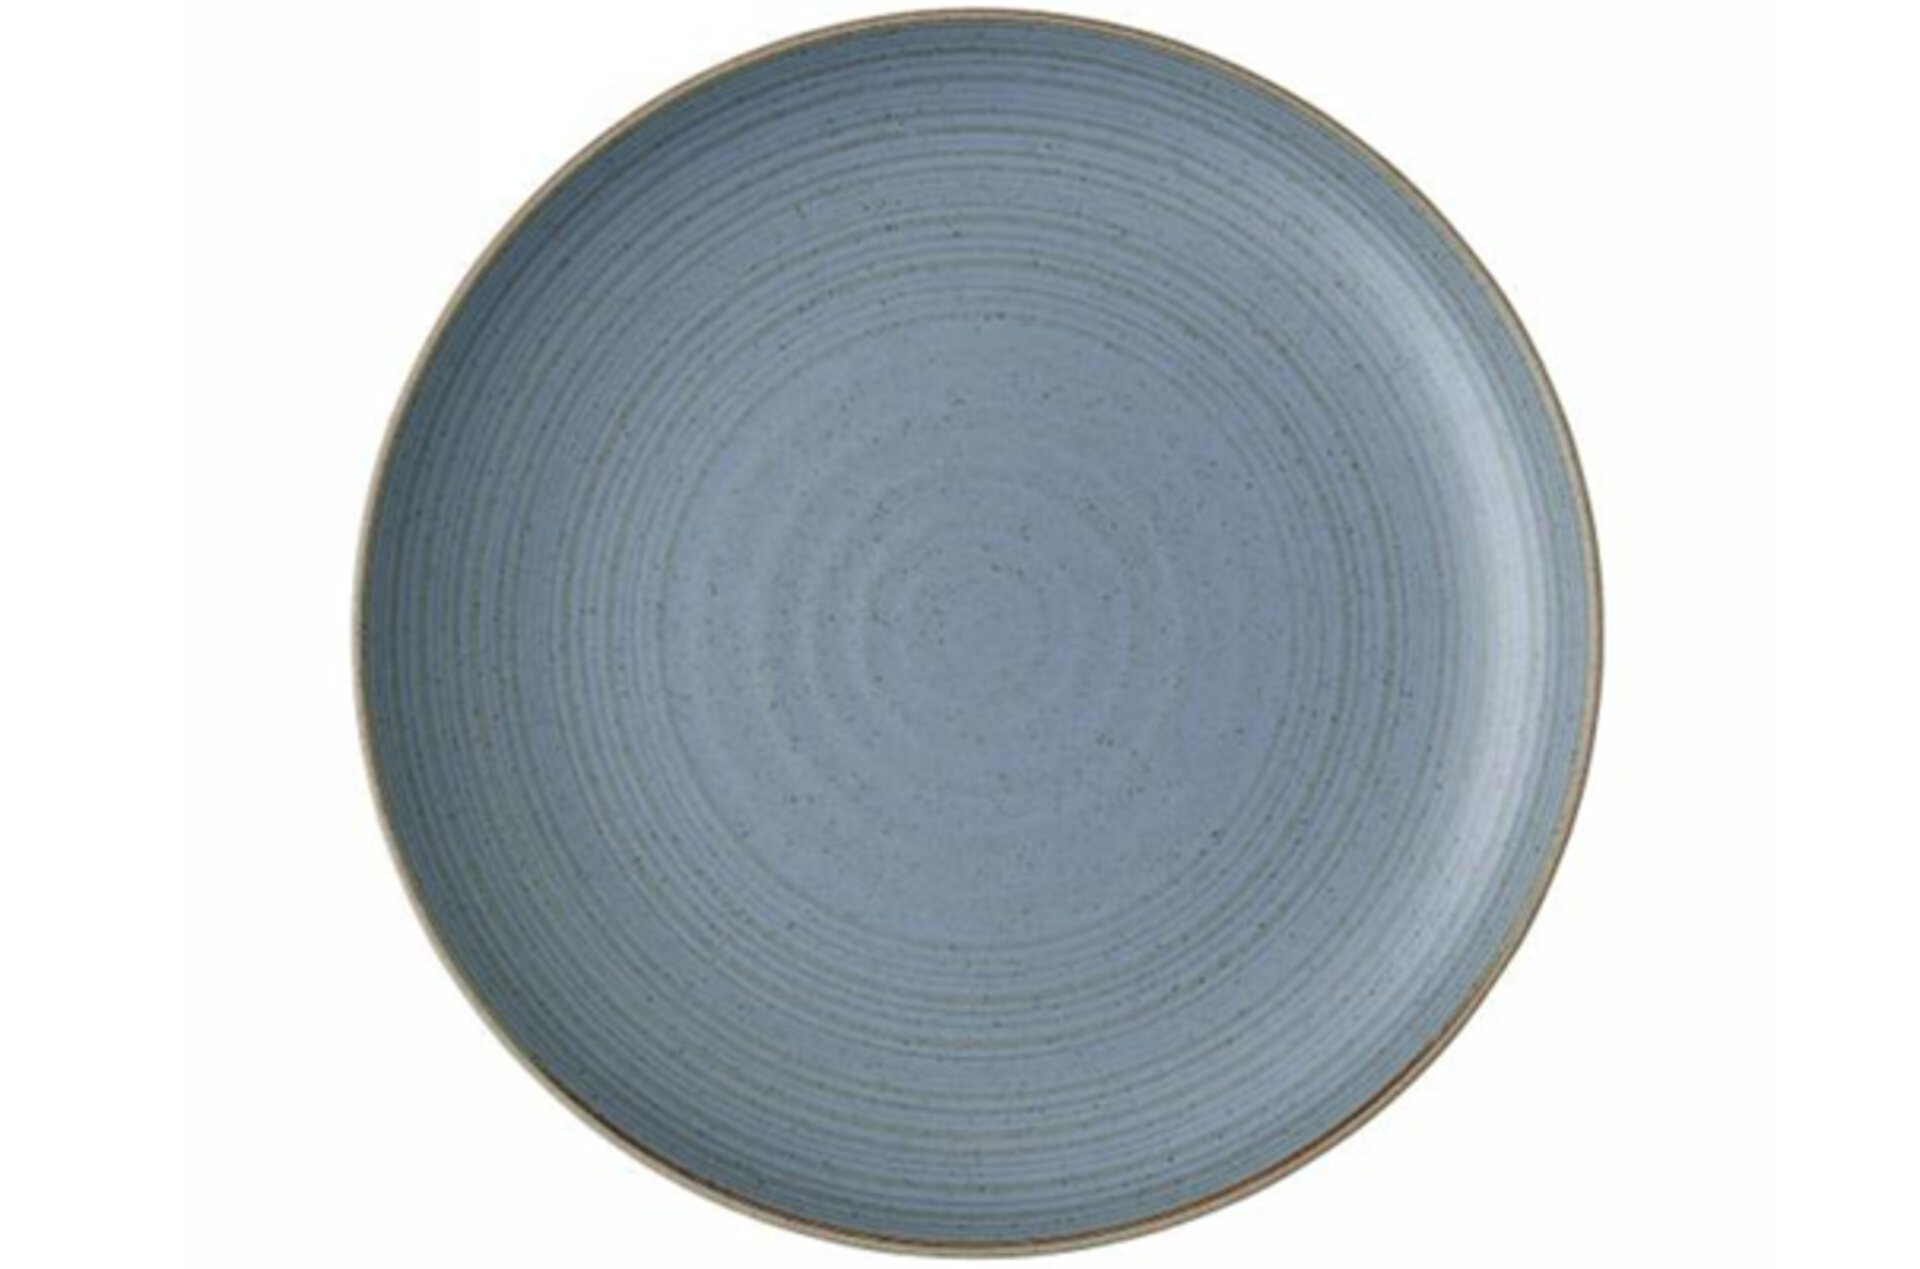 grau-blauer Teller